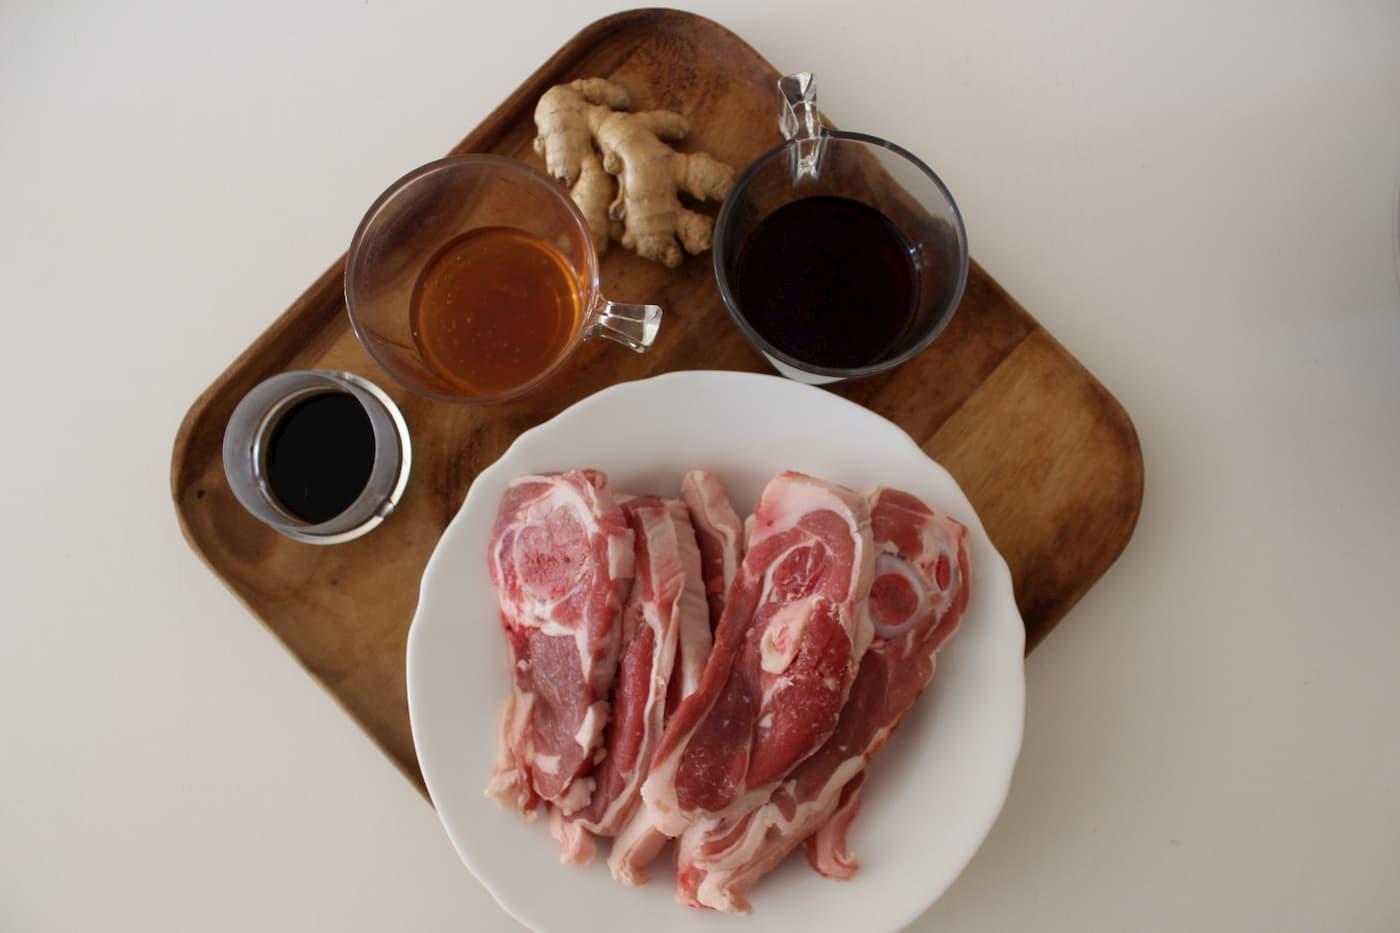 ingredientes para la preparación de la receta